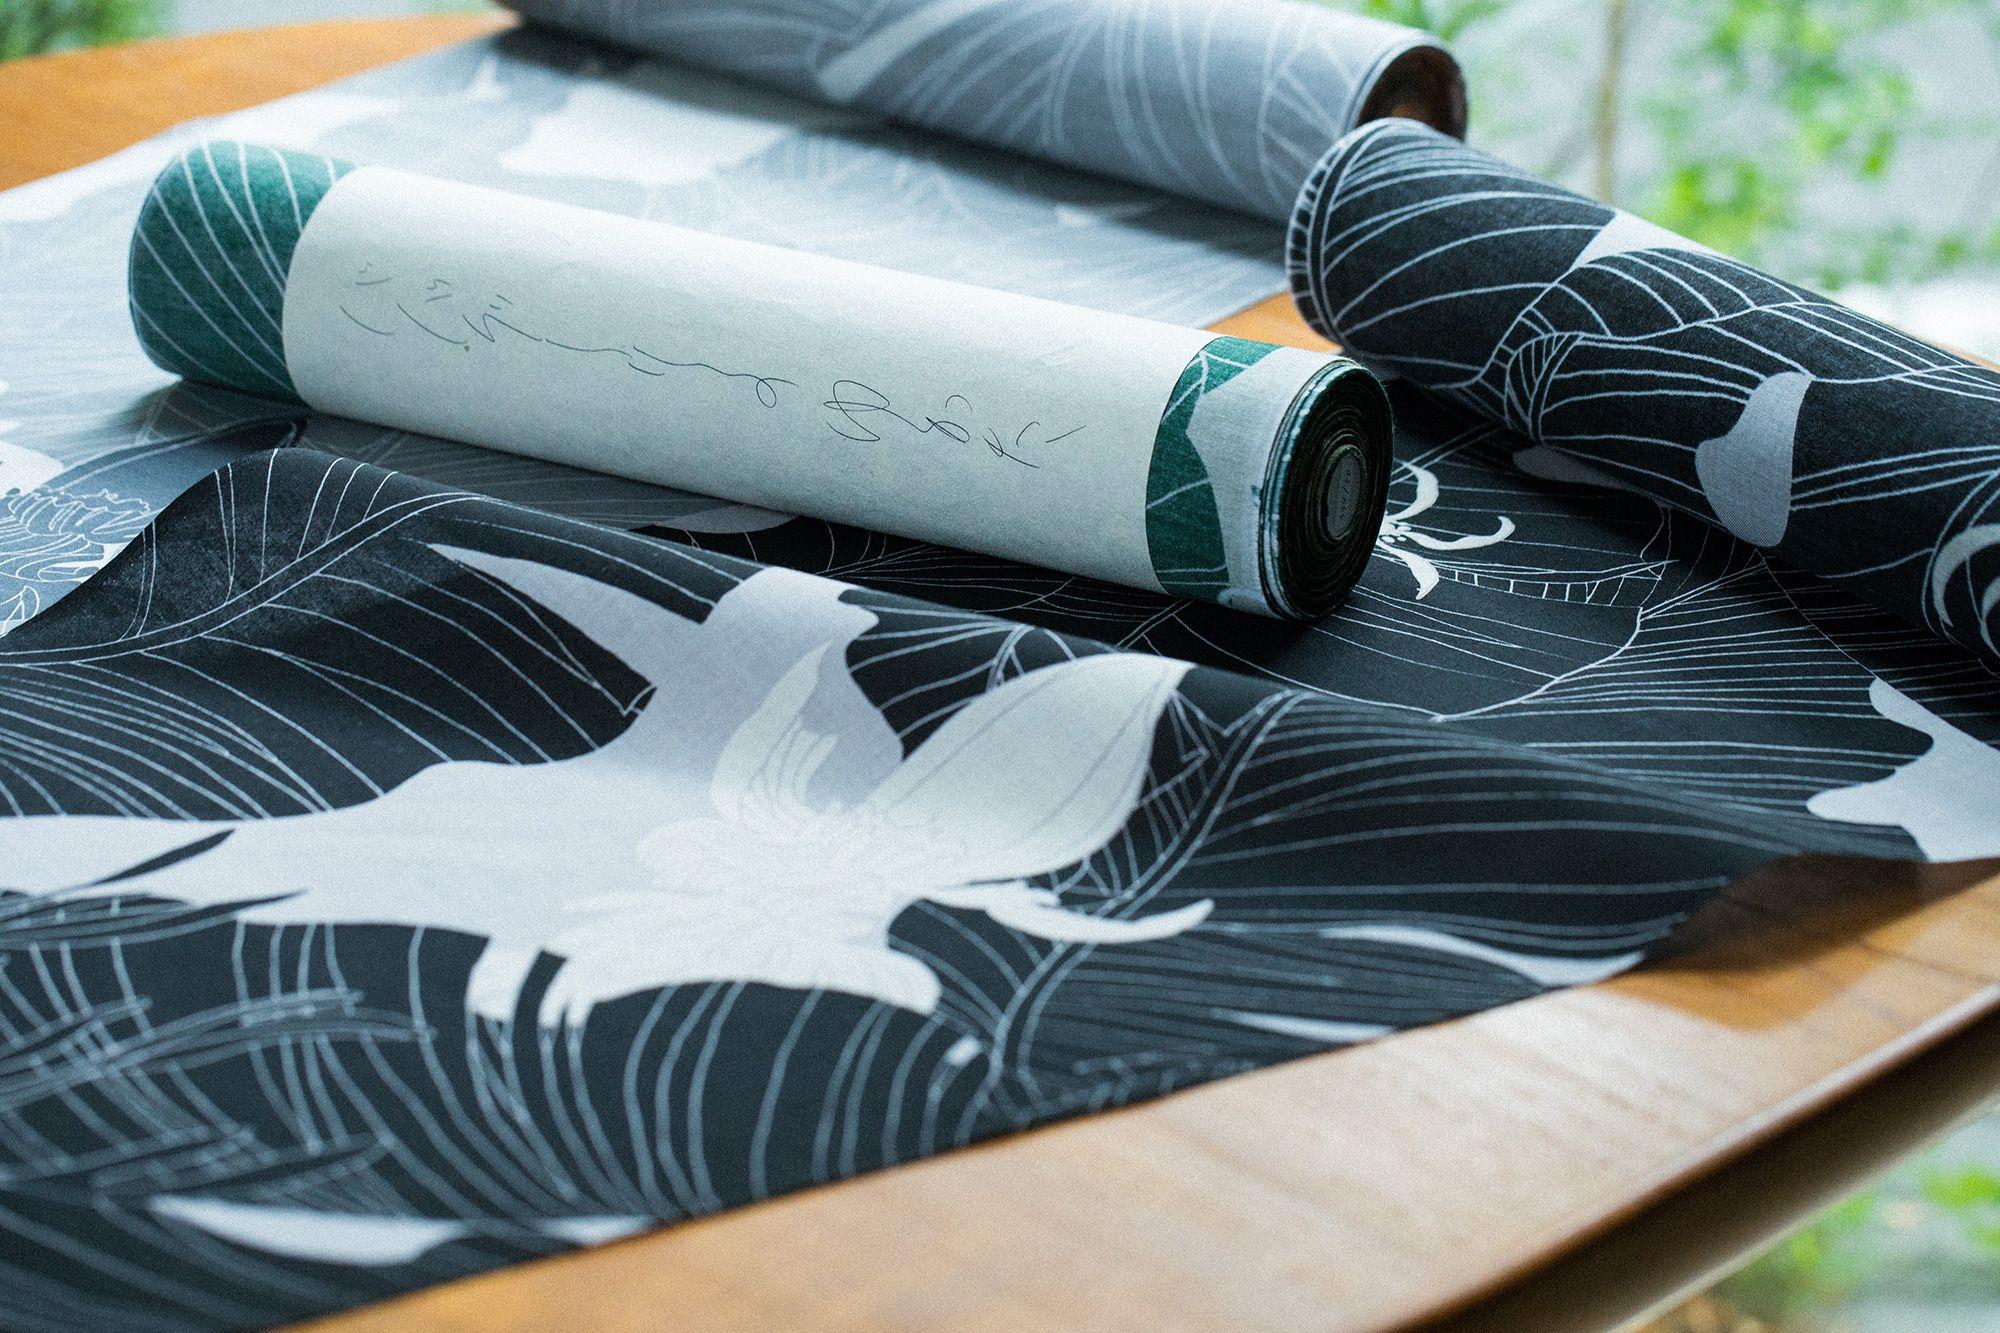 バナナの花と葉の柄を落ちついた色でプリントした反物。ヨーガンレールでもともと使われていたもので、カットソーにプリントしたTシャツを覚えているファンも多いかもしれない。手捺染(反物)54,000円(税込)